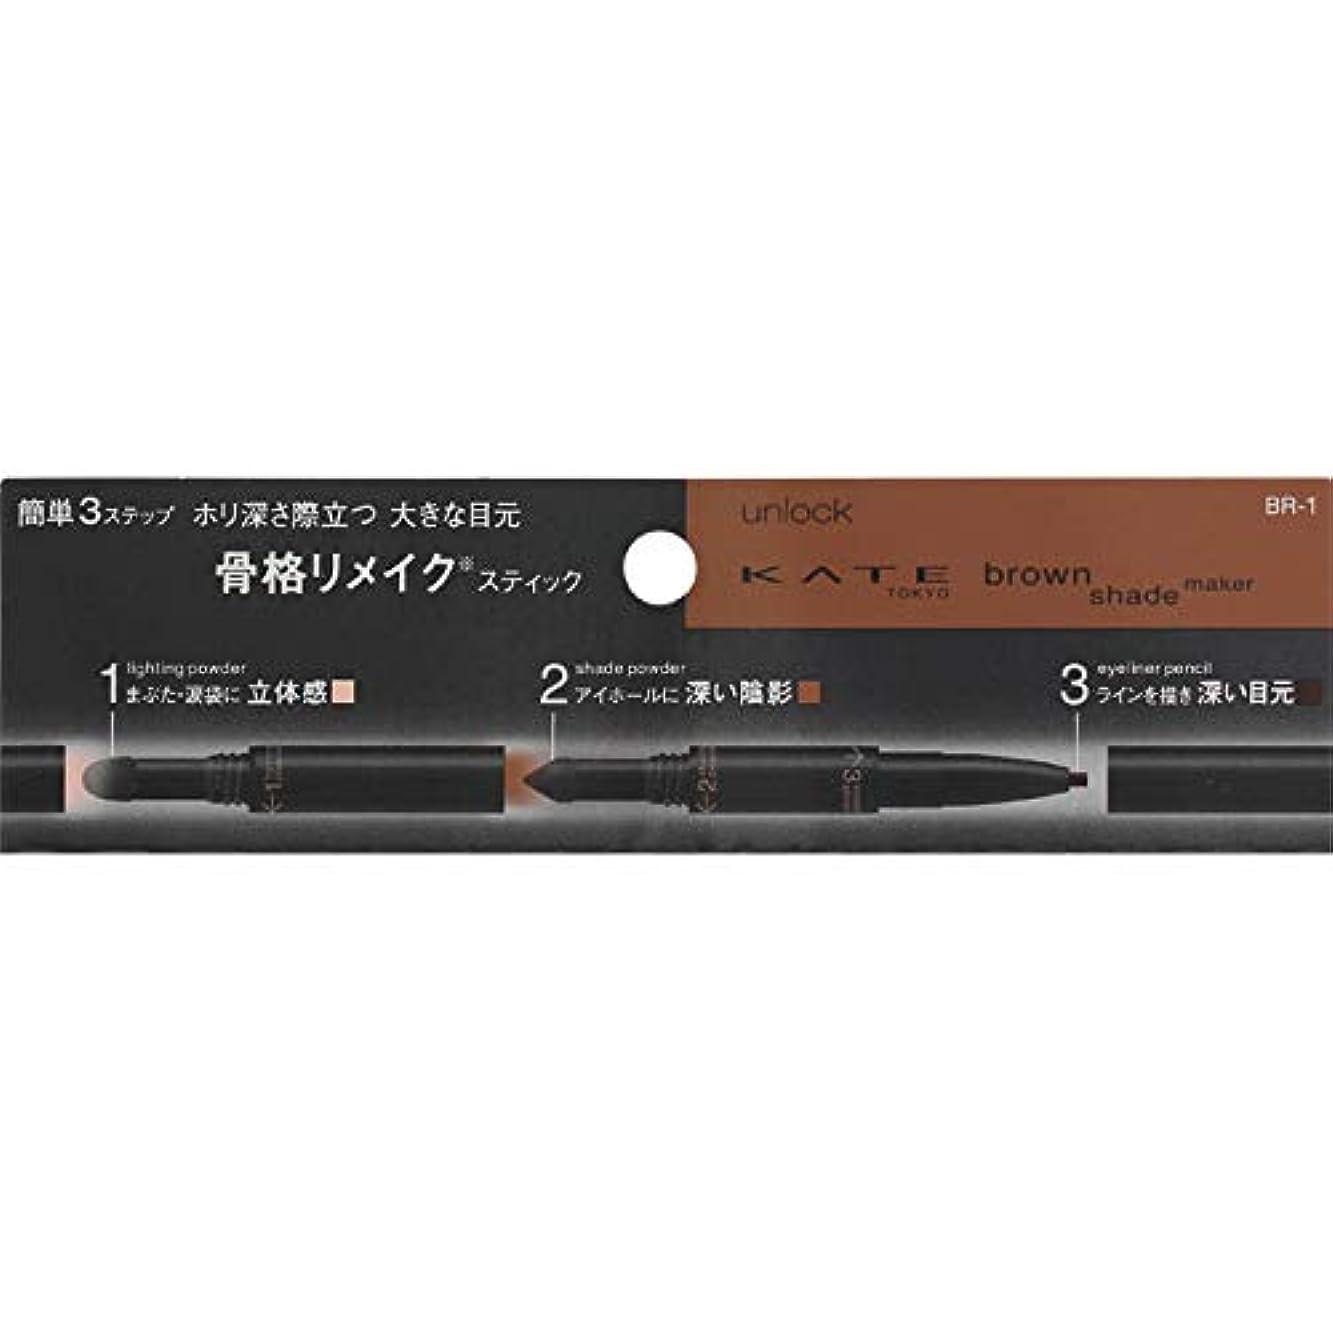 作る適切な活発カネボウ(Kanebo) ケイト ブラウンシェードメイカー<カラー:BR-1>